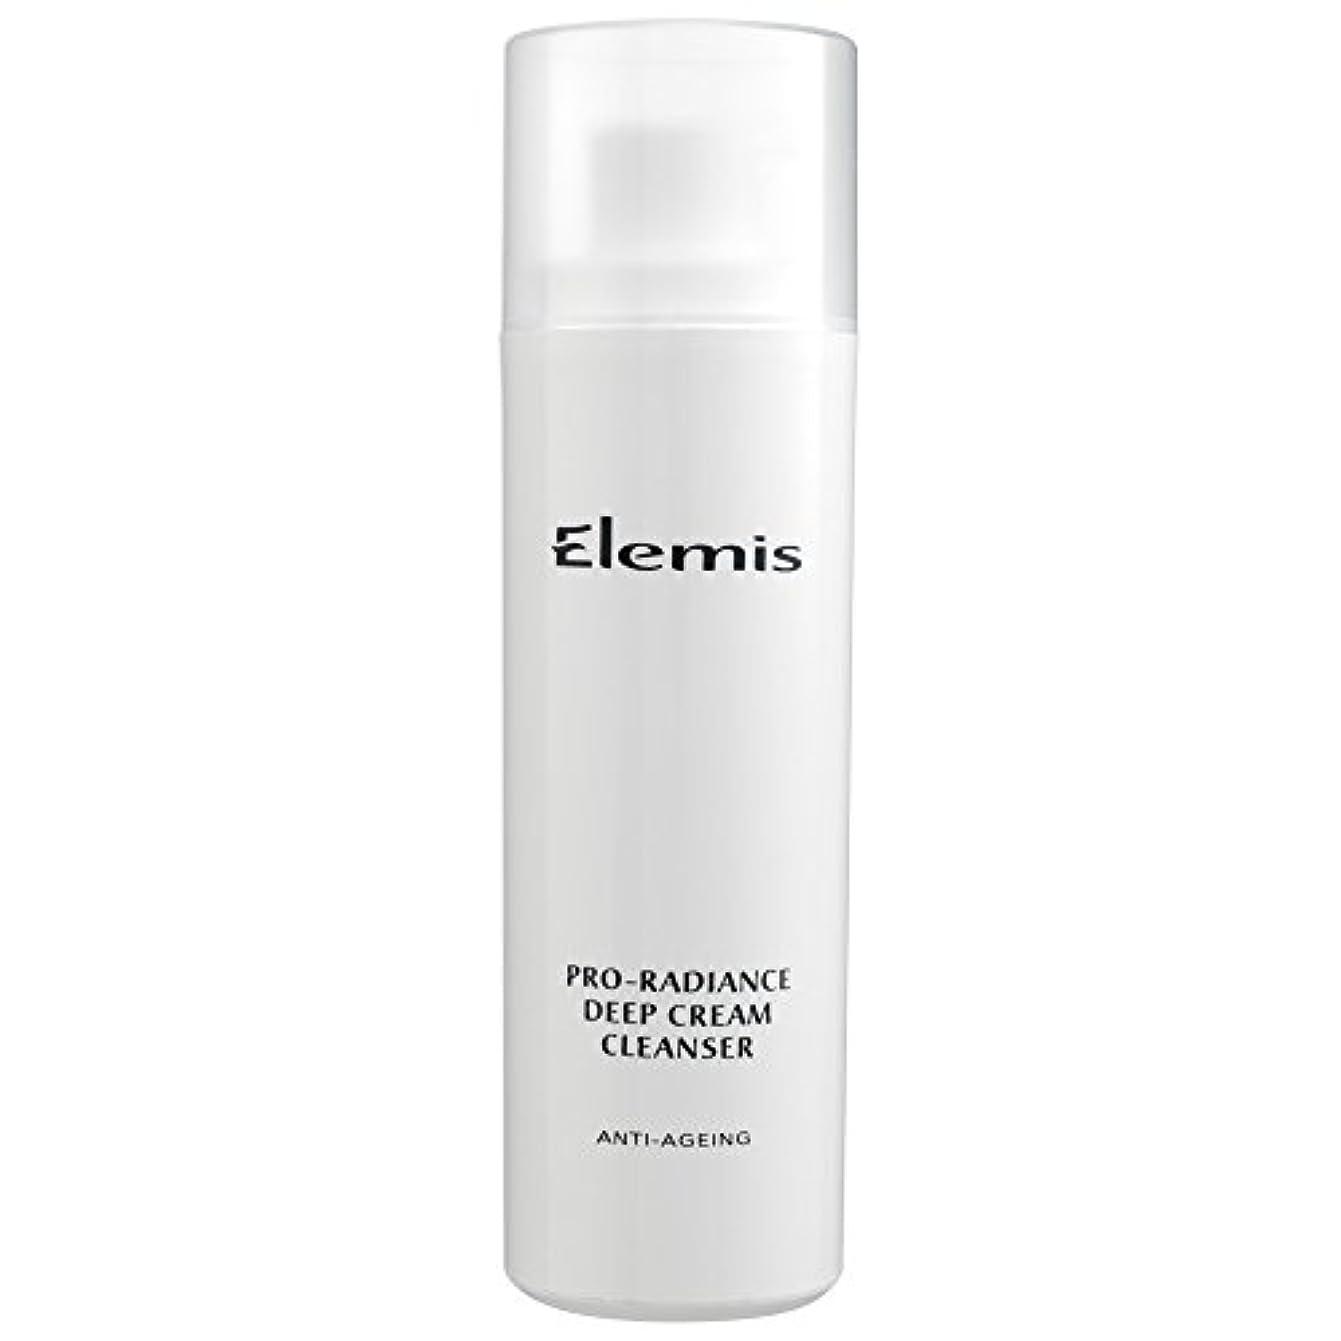 勃起報告書武装解除エレミスプロ輝きクリームクレンザー、150ミリリットル (Elemis) (x6) - Elemis Pro-Radiance Cream Cleanser, 150ml (Pack of 6) [並行輸入品]